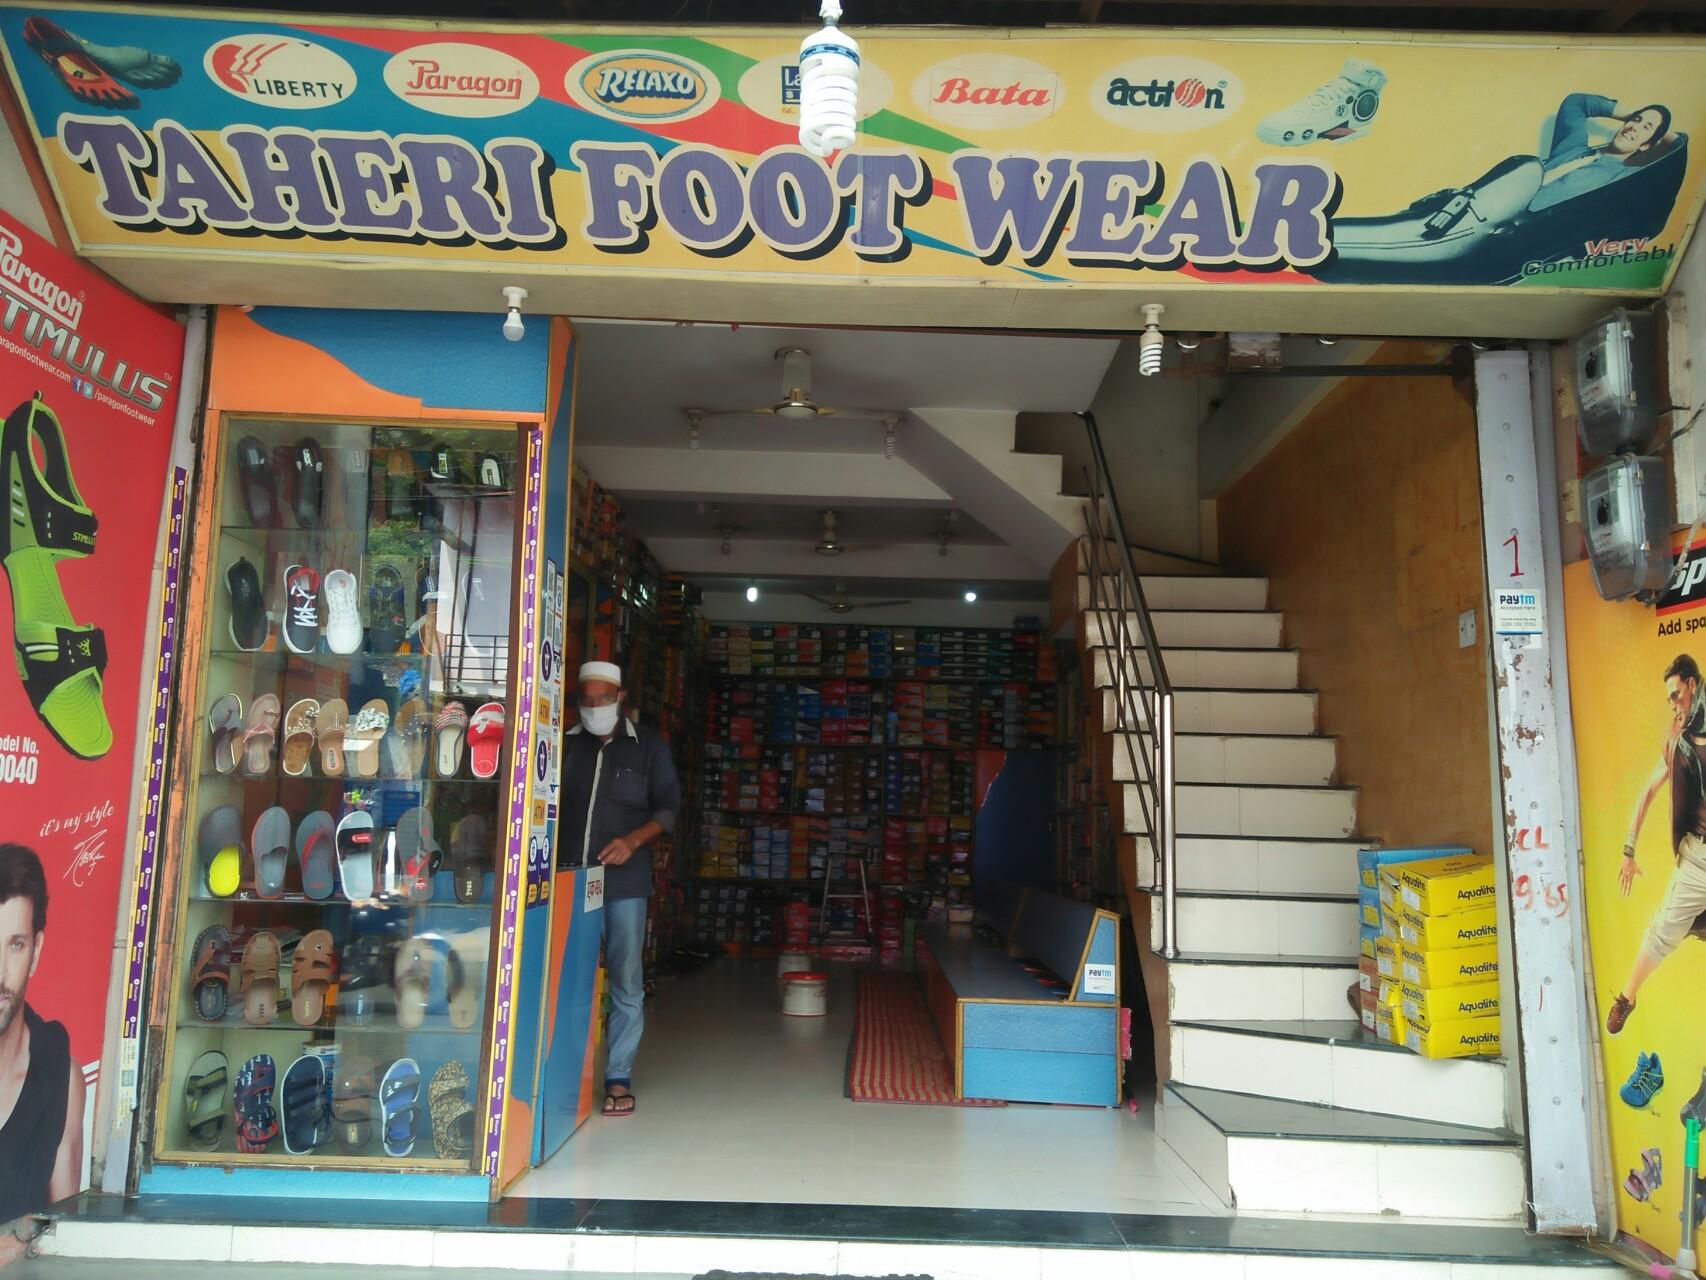 Taheri footwear